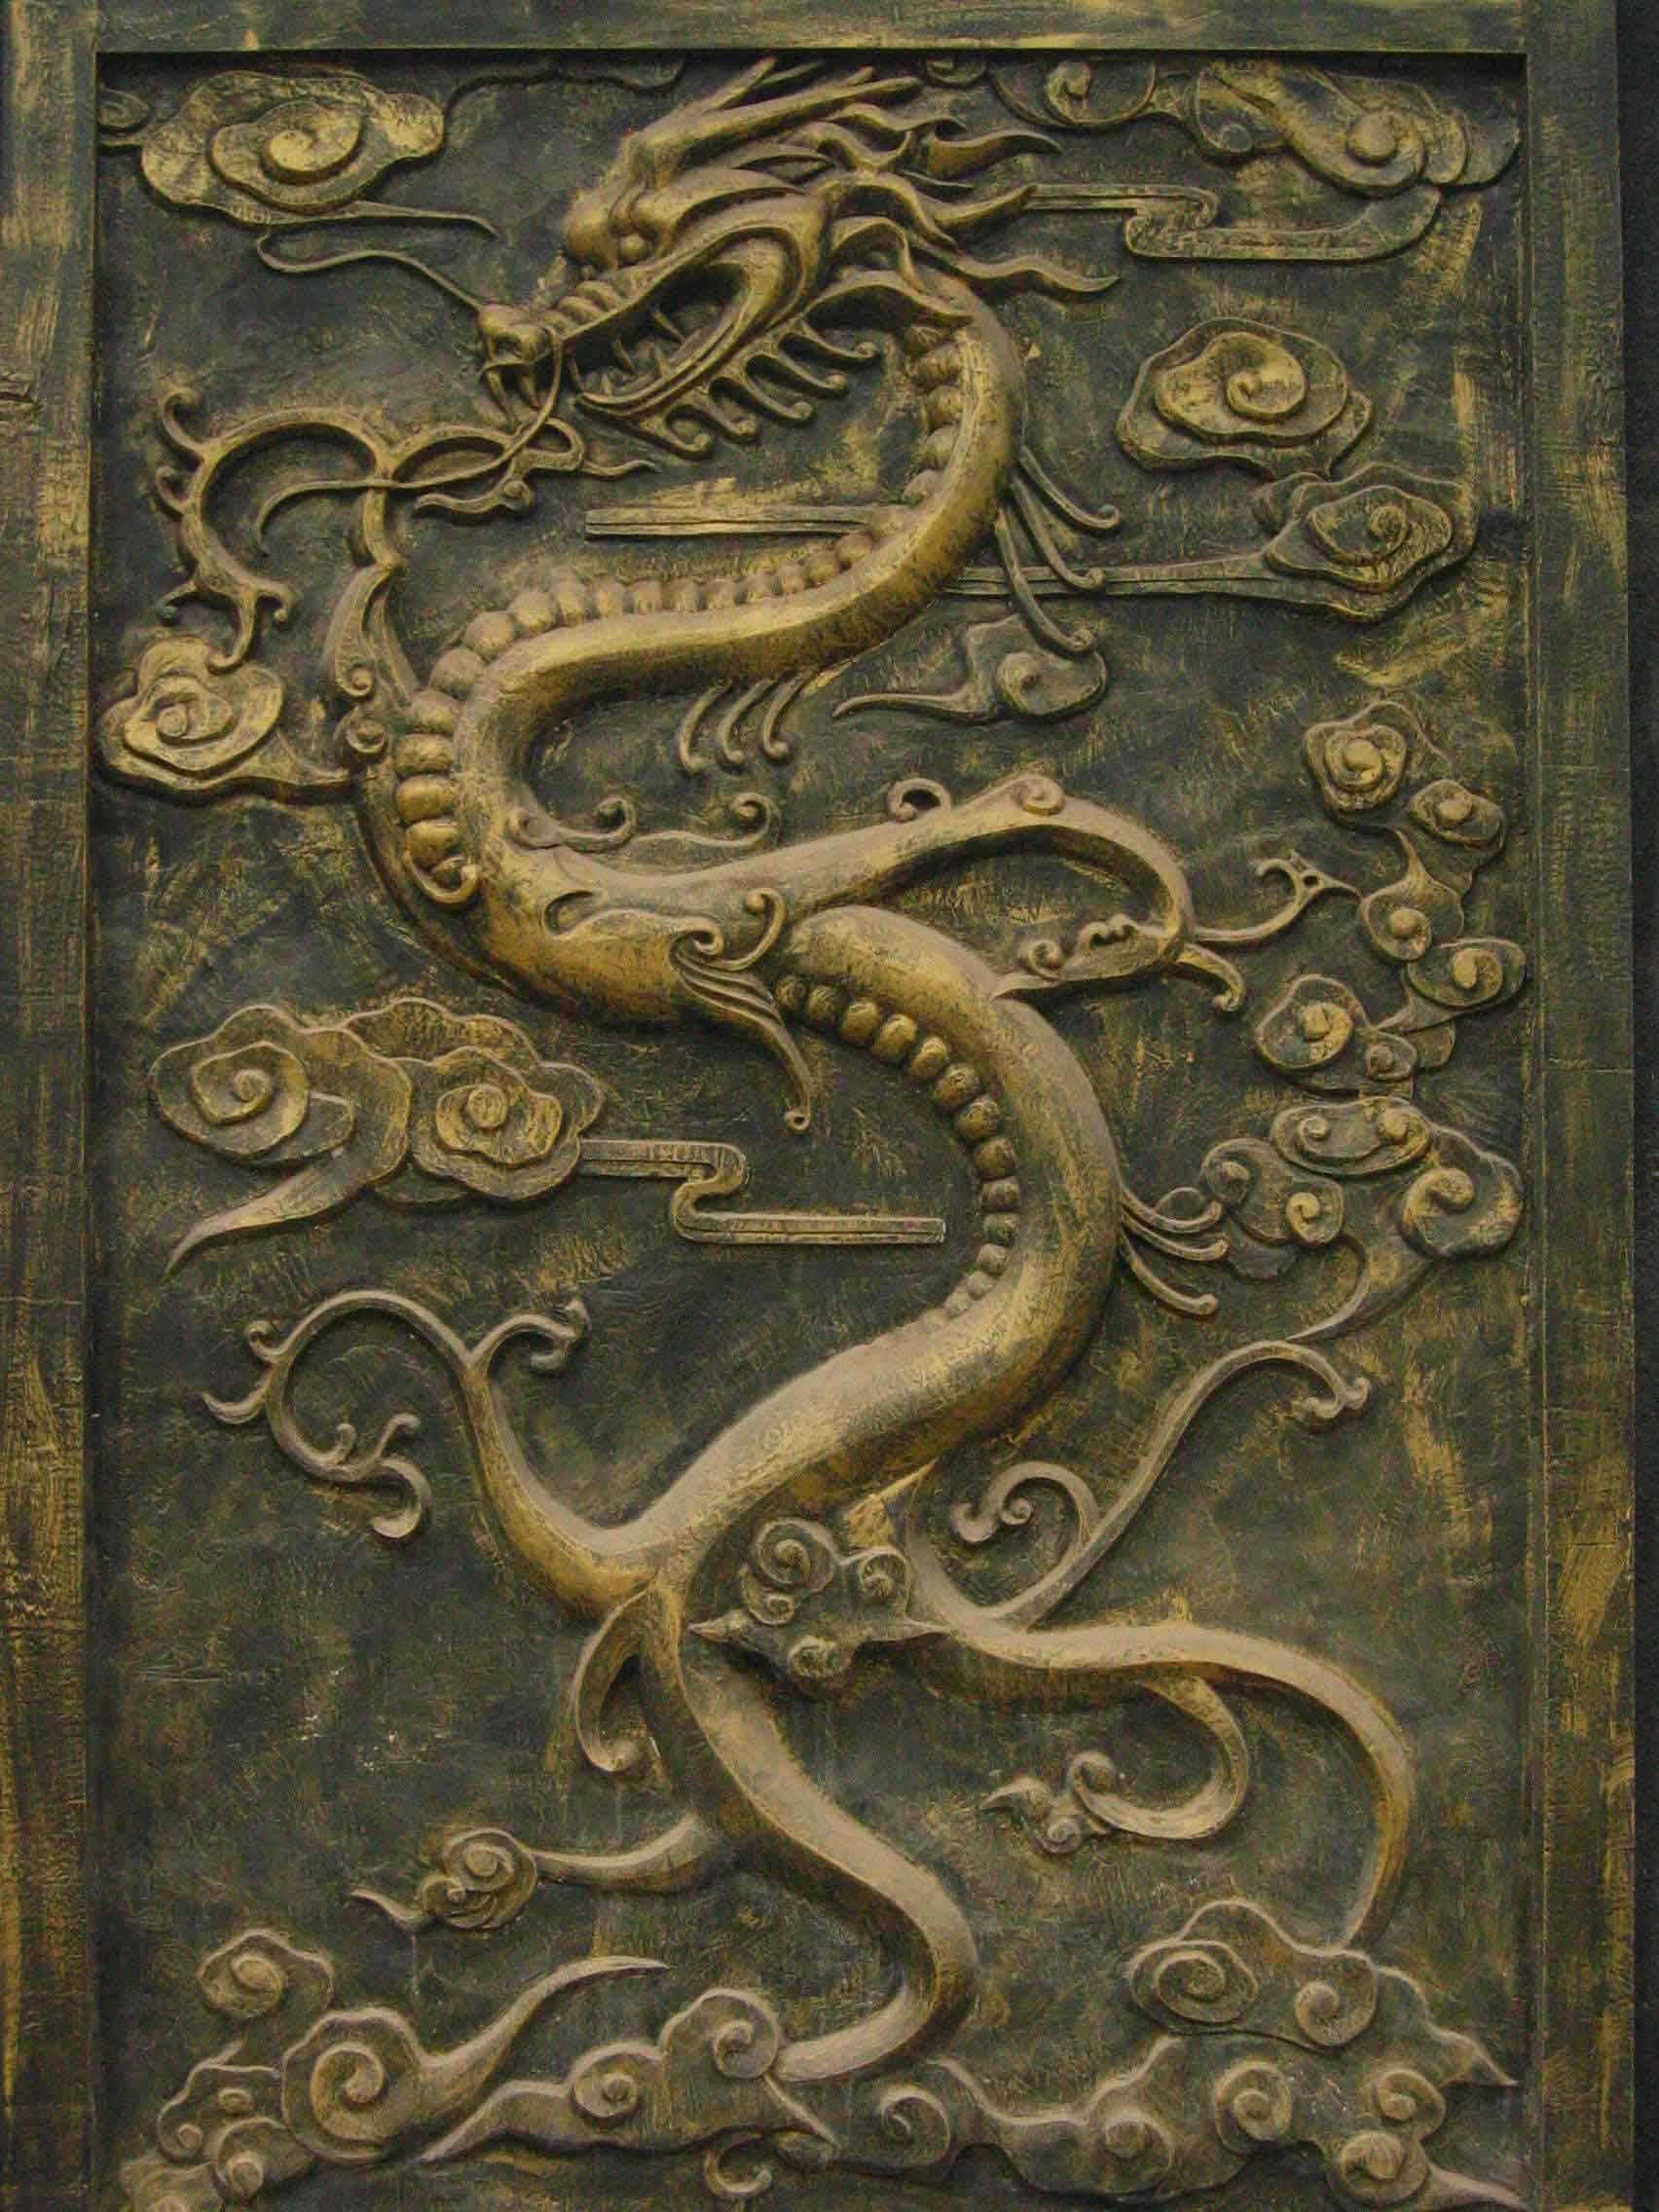 仿铜浮雕产品图片,仿铜浮雕产品相册 - 徐州grc欧式厂